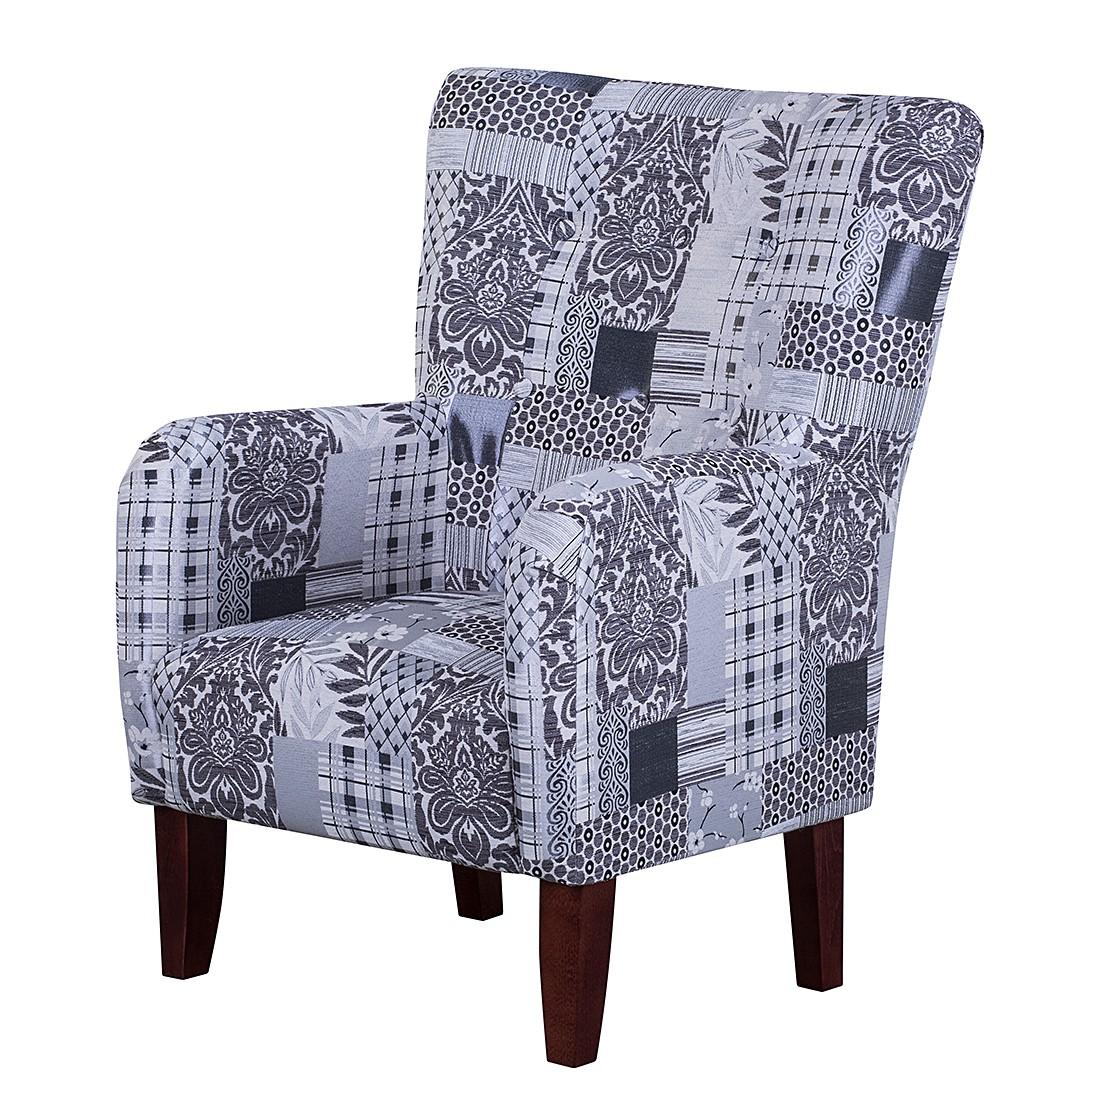 sessel karla webstoff beige grau jack alice g nstig. Black Bedroom Furniture Sets. Home Design Ideas